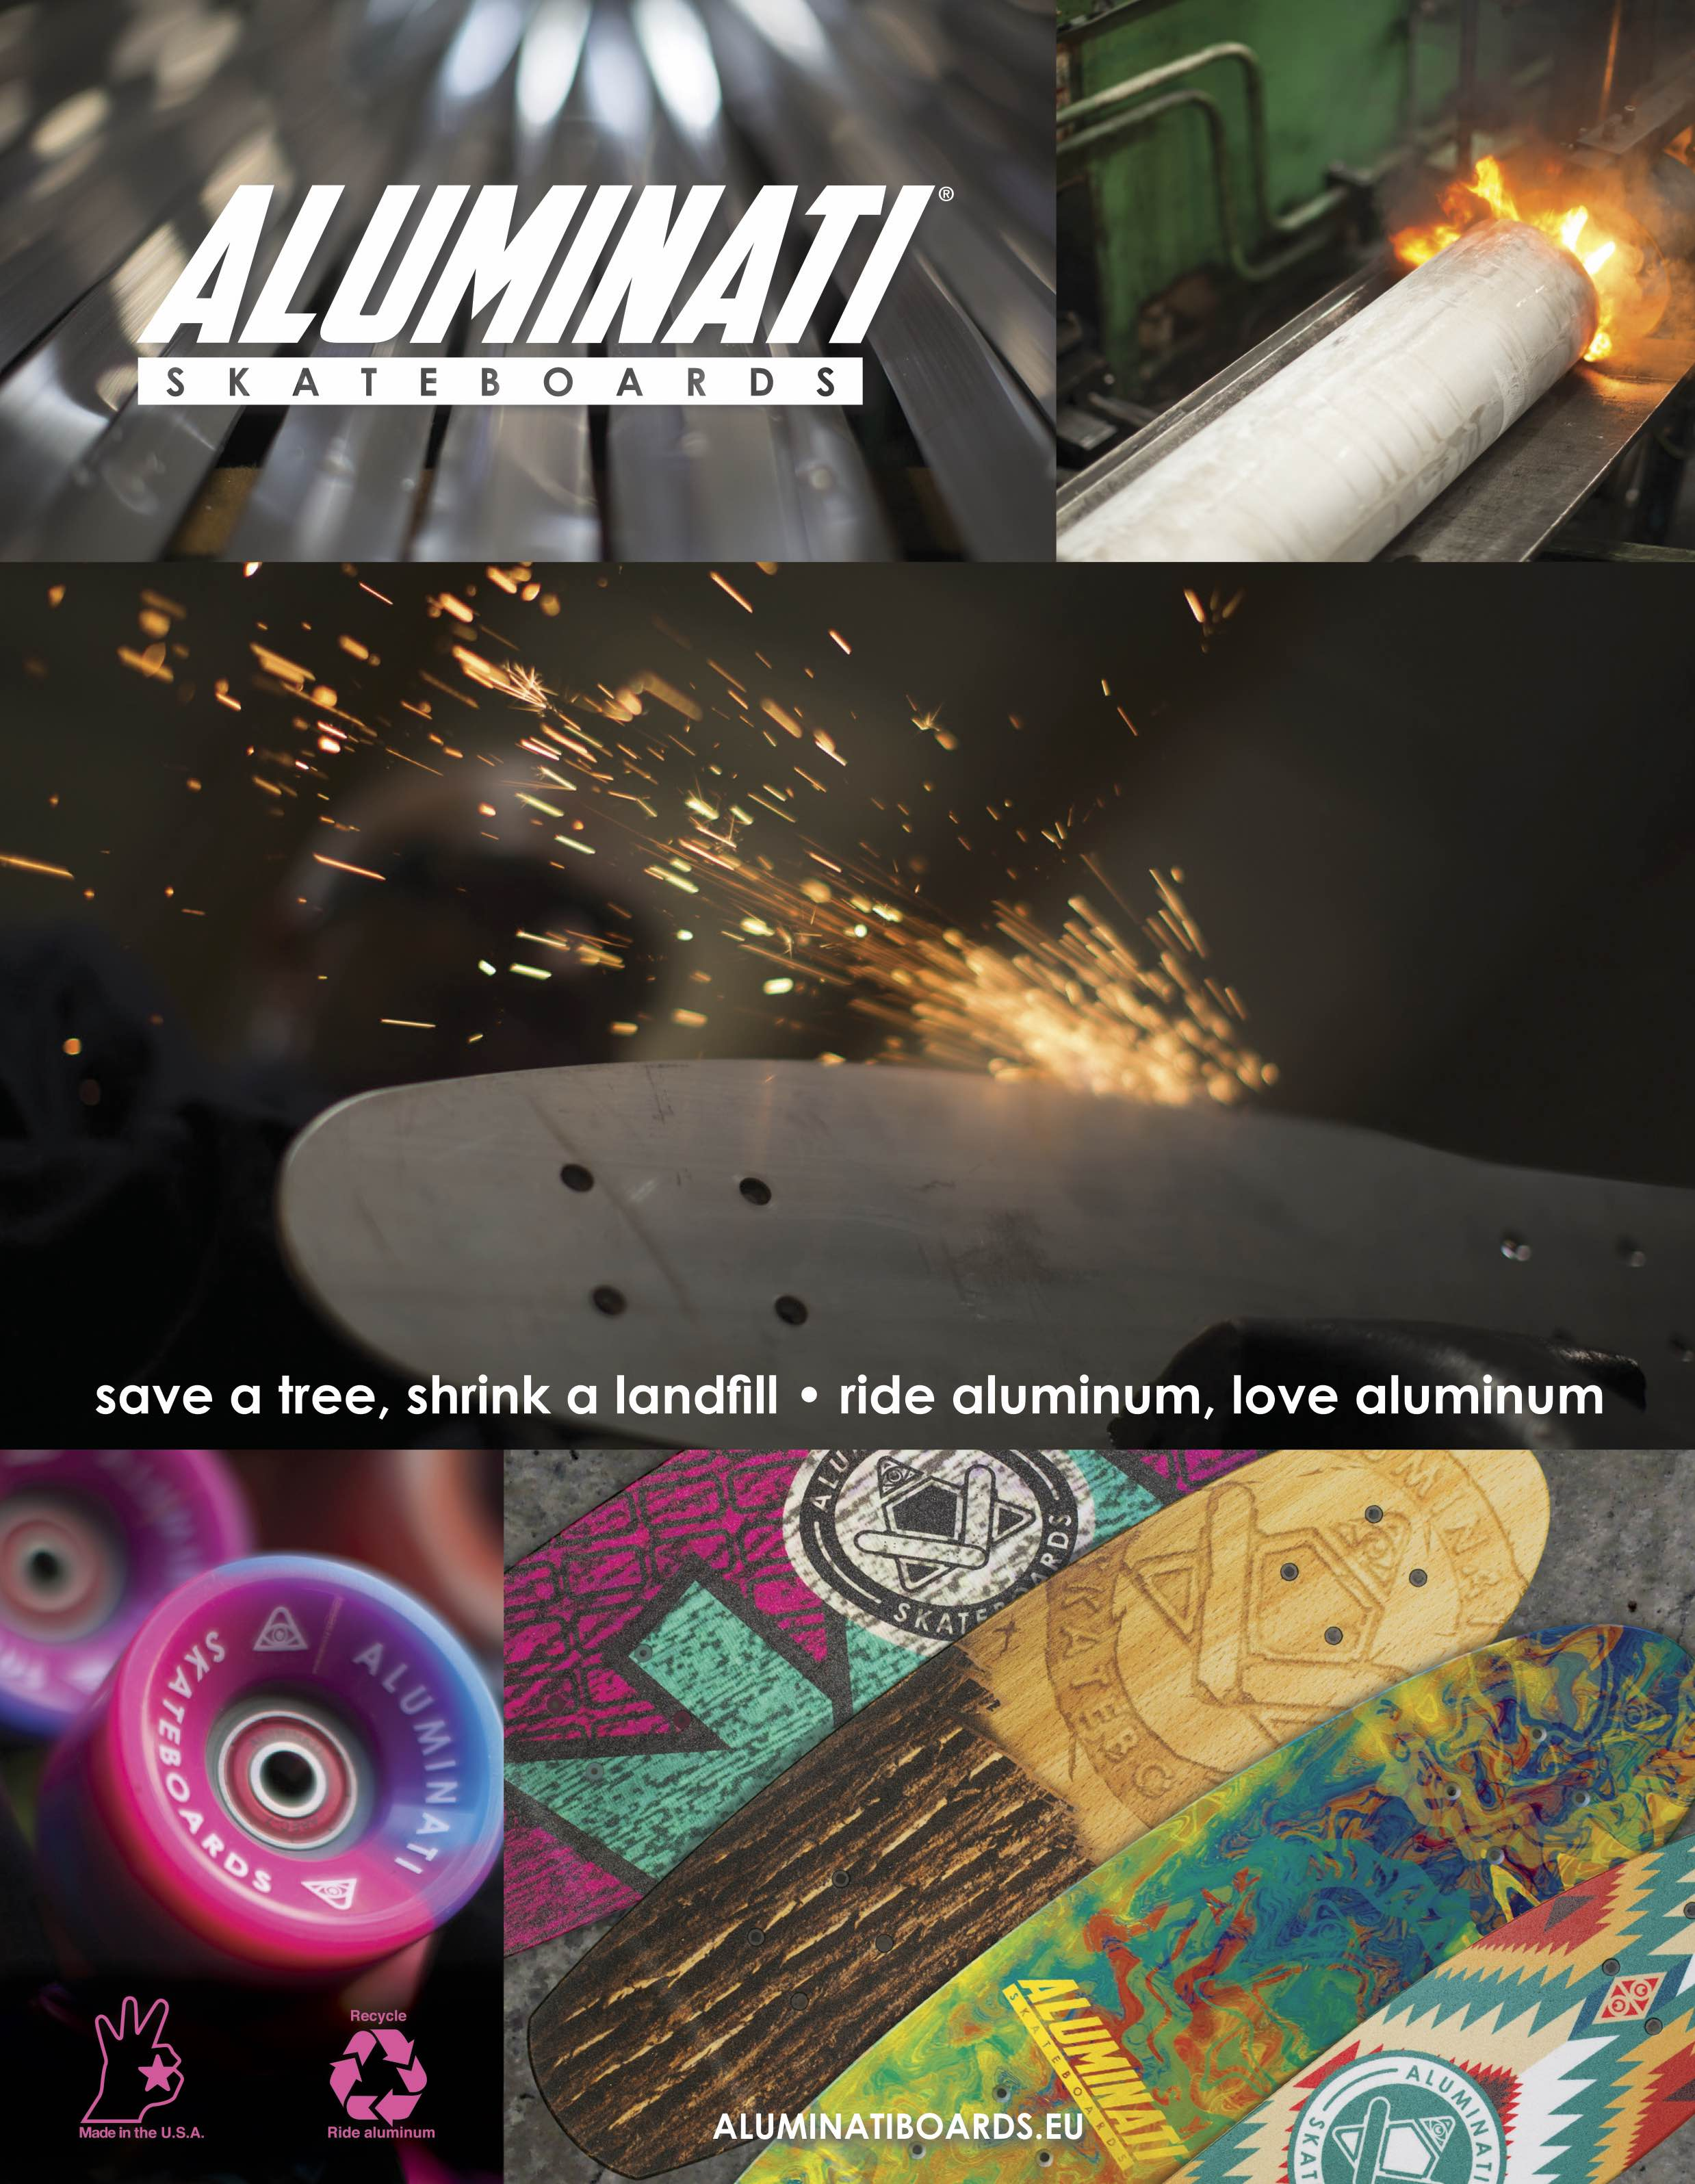 85 Aluminati SKATE